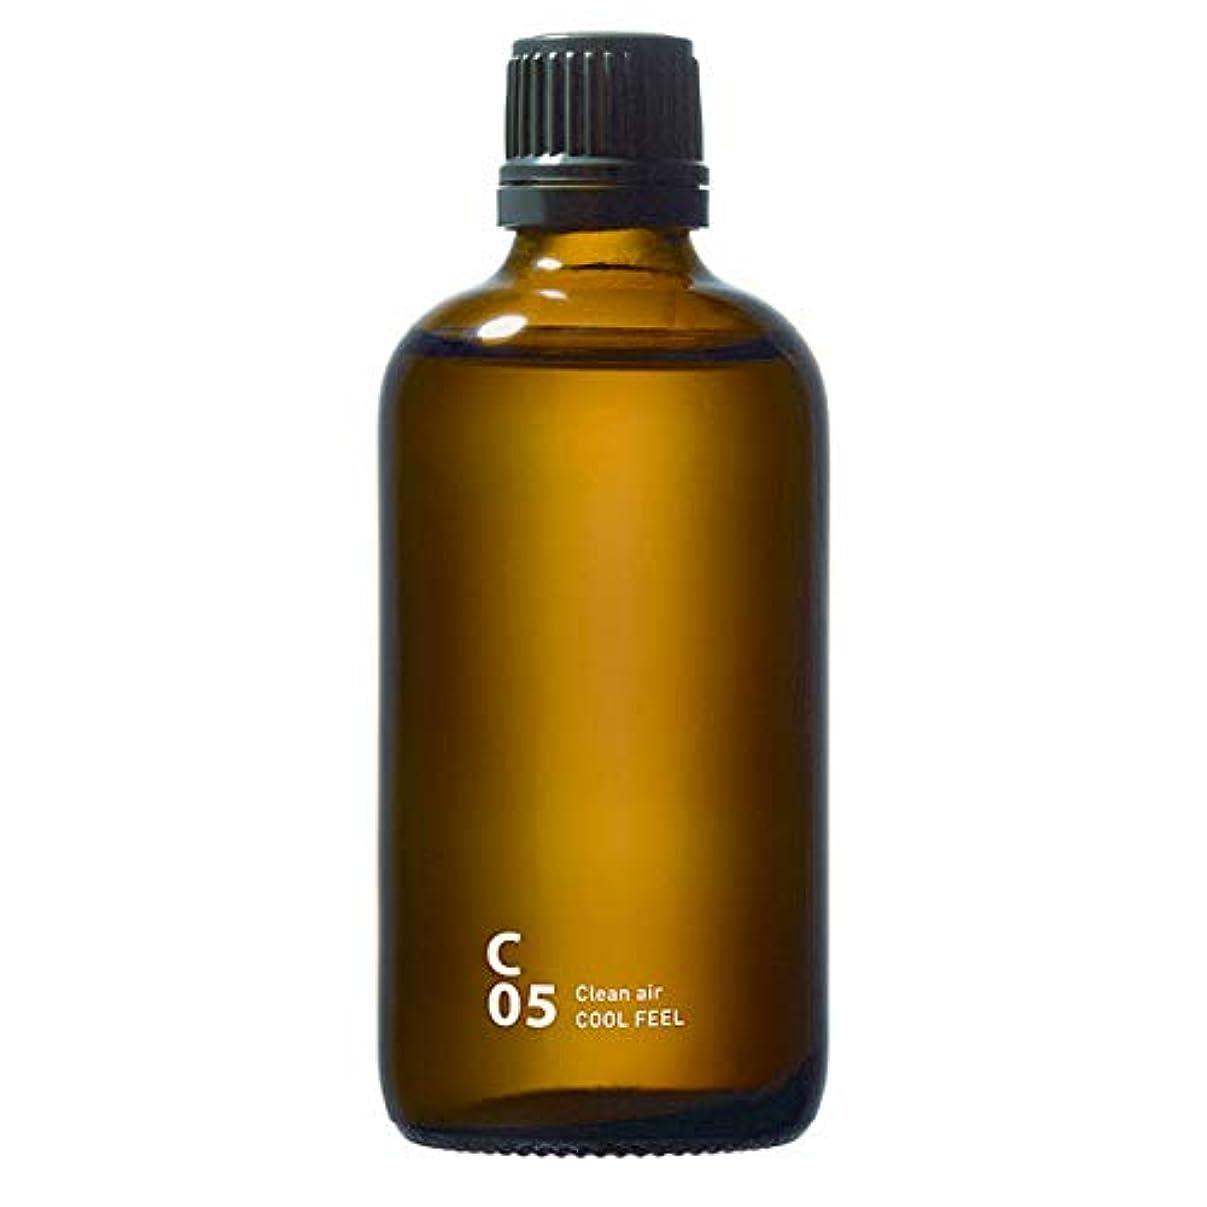 中止します航海ワゴンC05 COOL FEEL piezo aroma oil 100ml